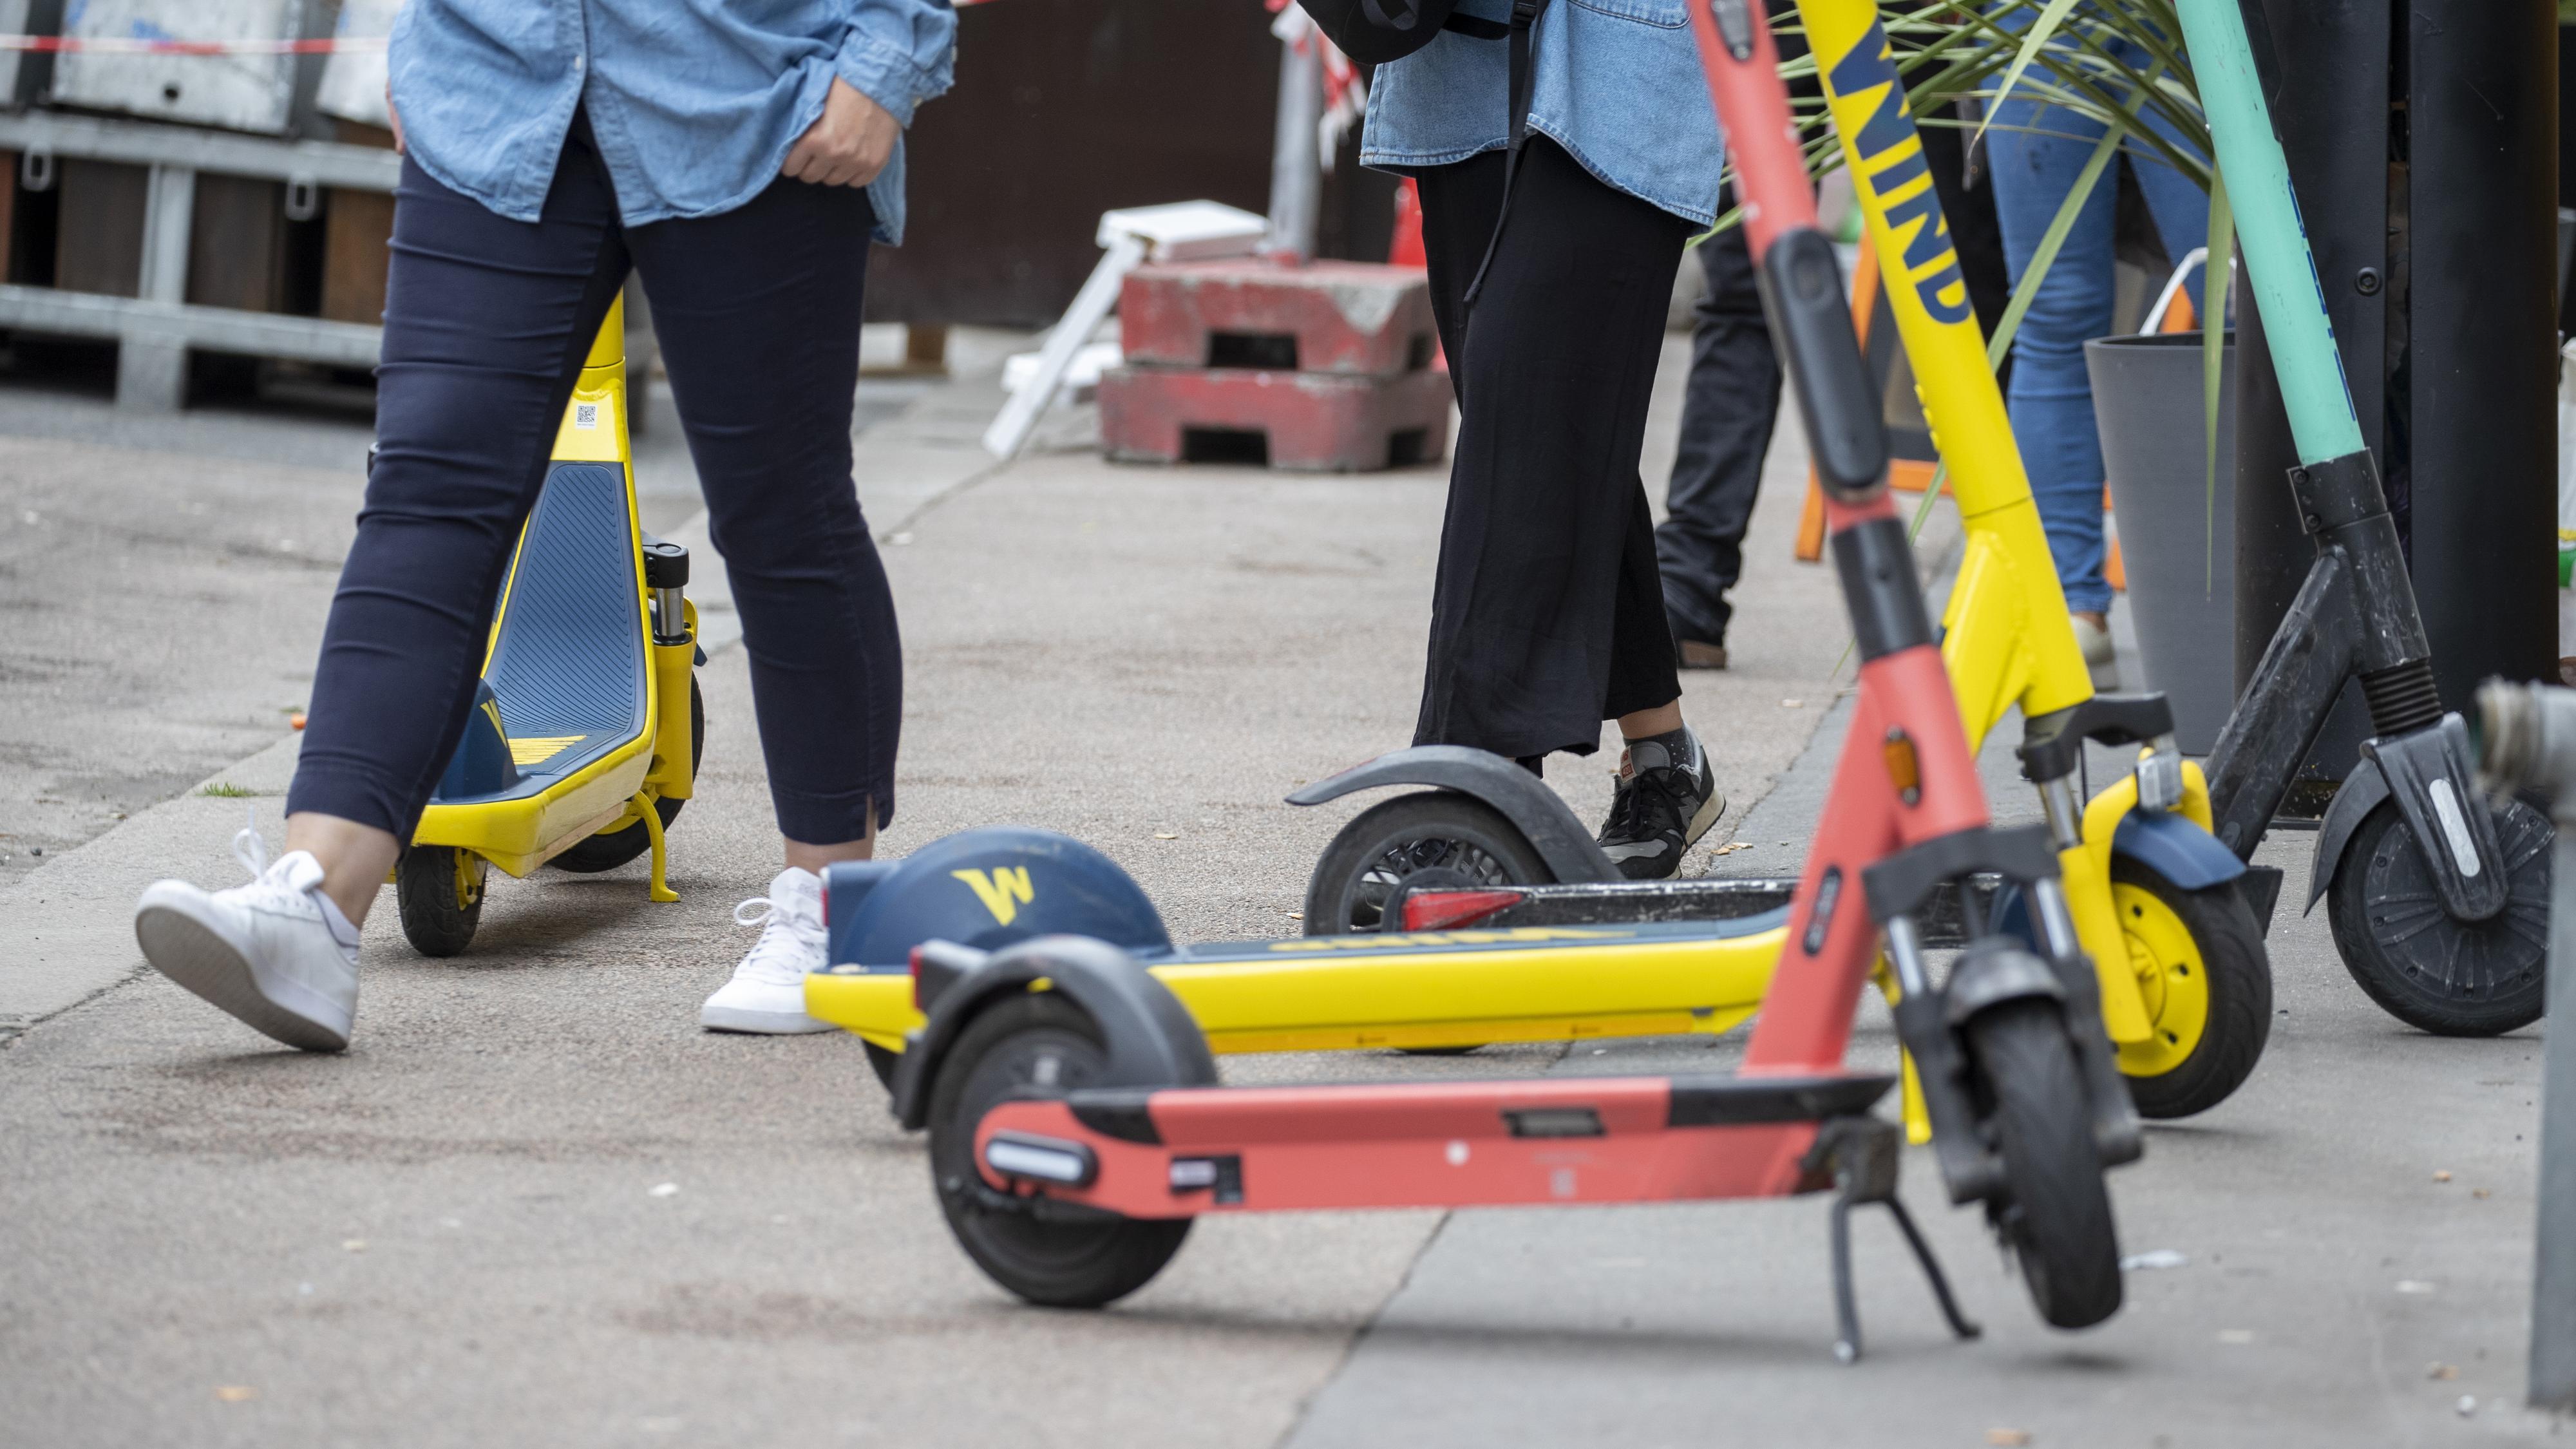 Ruskjøring på elsparkesykkel kan føre til avkorting på forsikringen